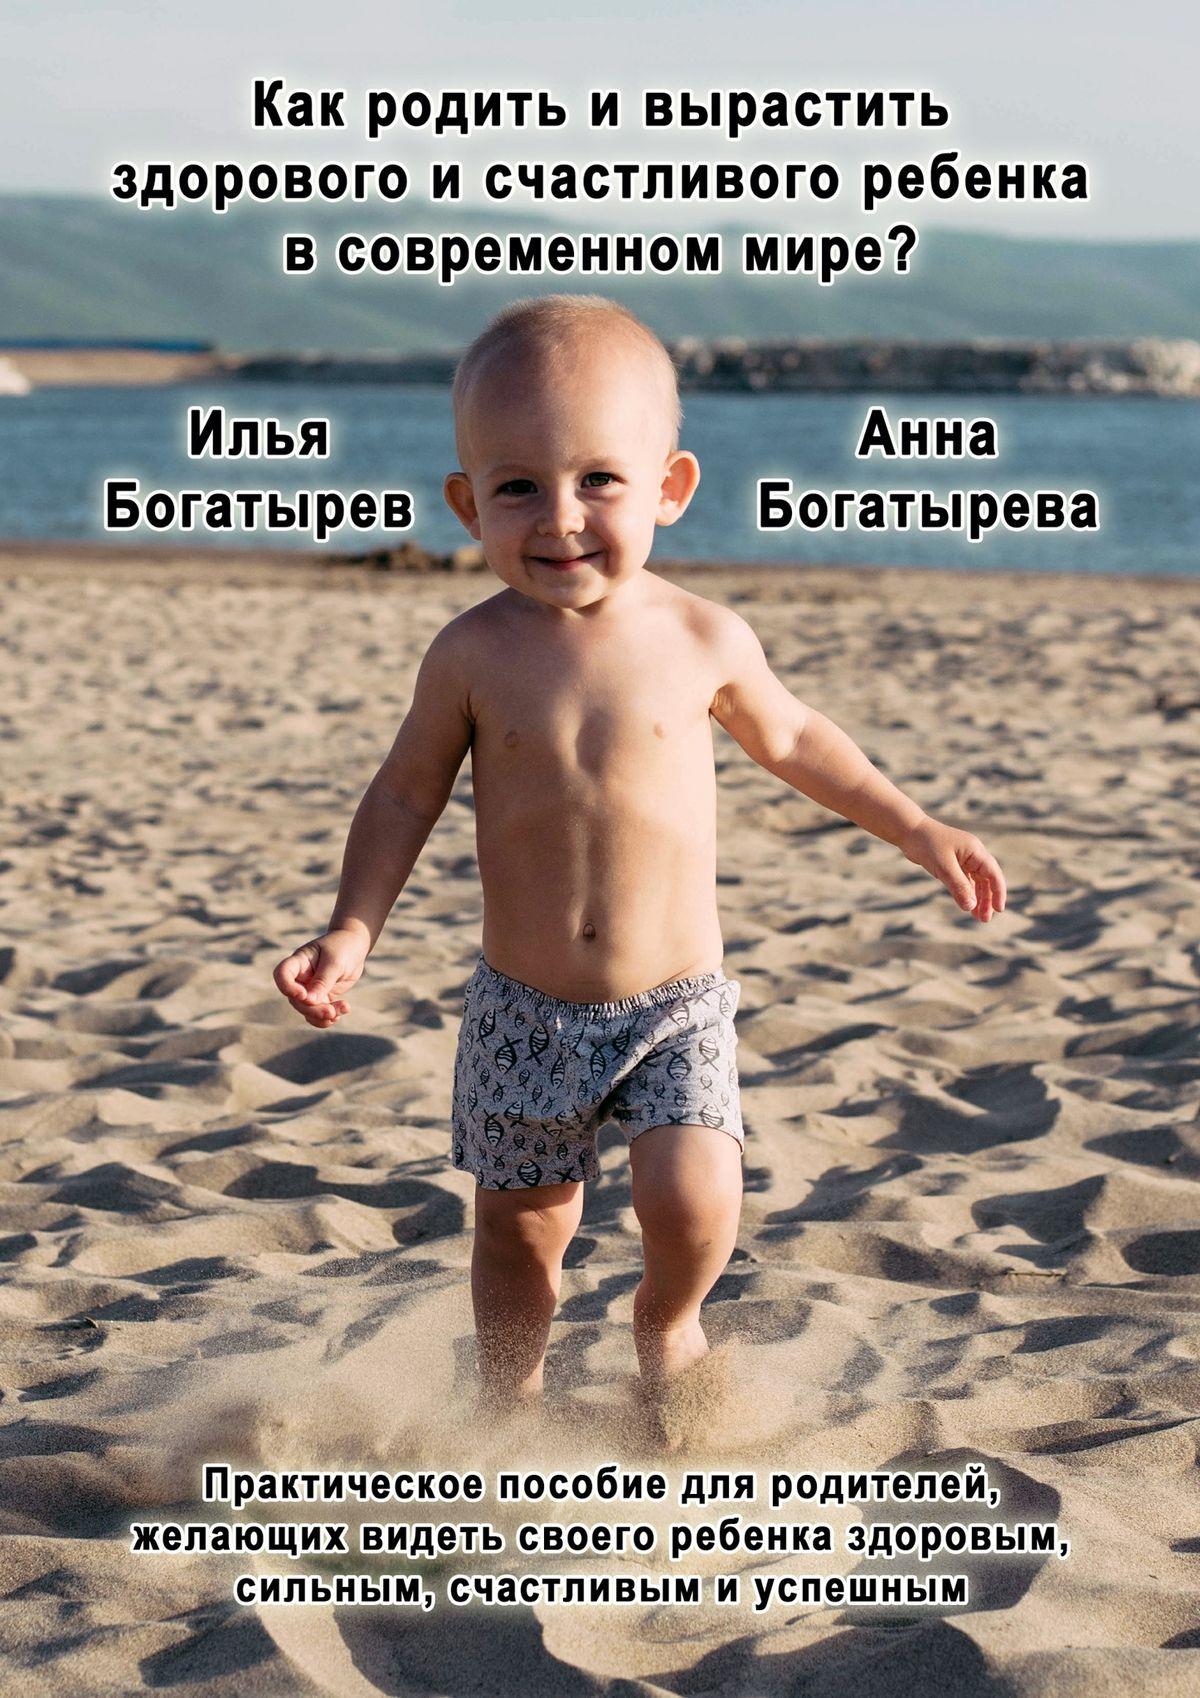 Анна Богатырева Как родить и вырастить здорового и счастливого ребенка в современном мире? анна богатырева как родить и вырастить здорового и счастливого ребенка в современном мире